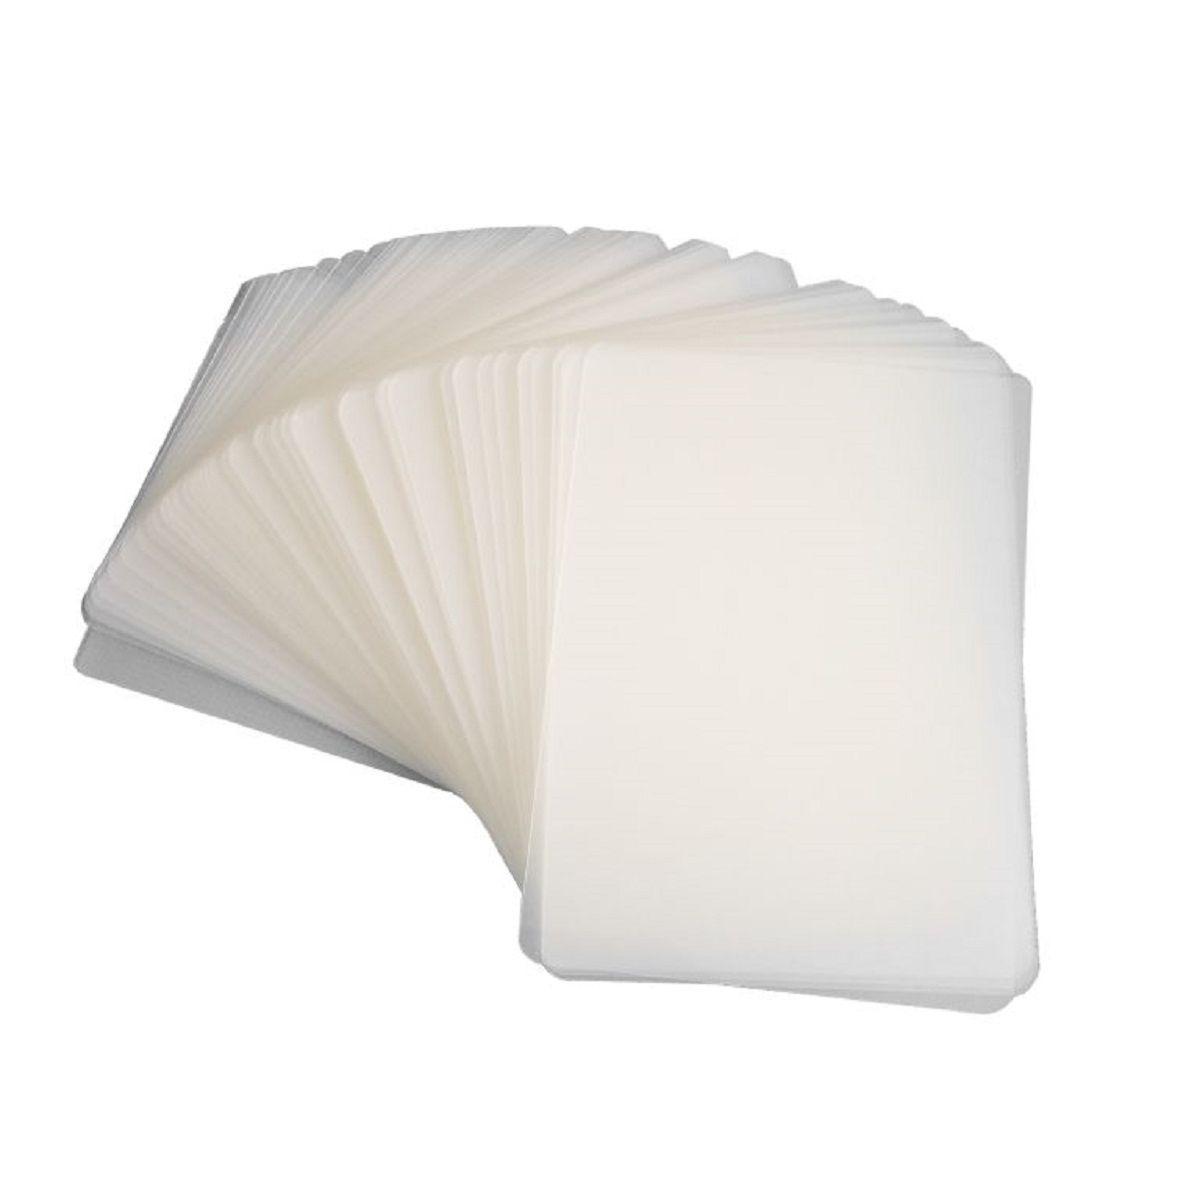 Polaseal para Plastificação CNPJ 121x191x0,07mm (175 micras) - Pacote com 20 Plásticos  - Click Suprimentos